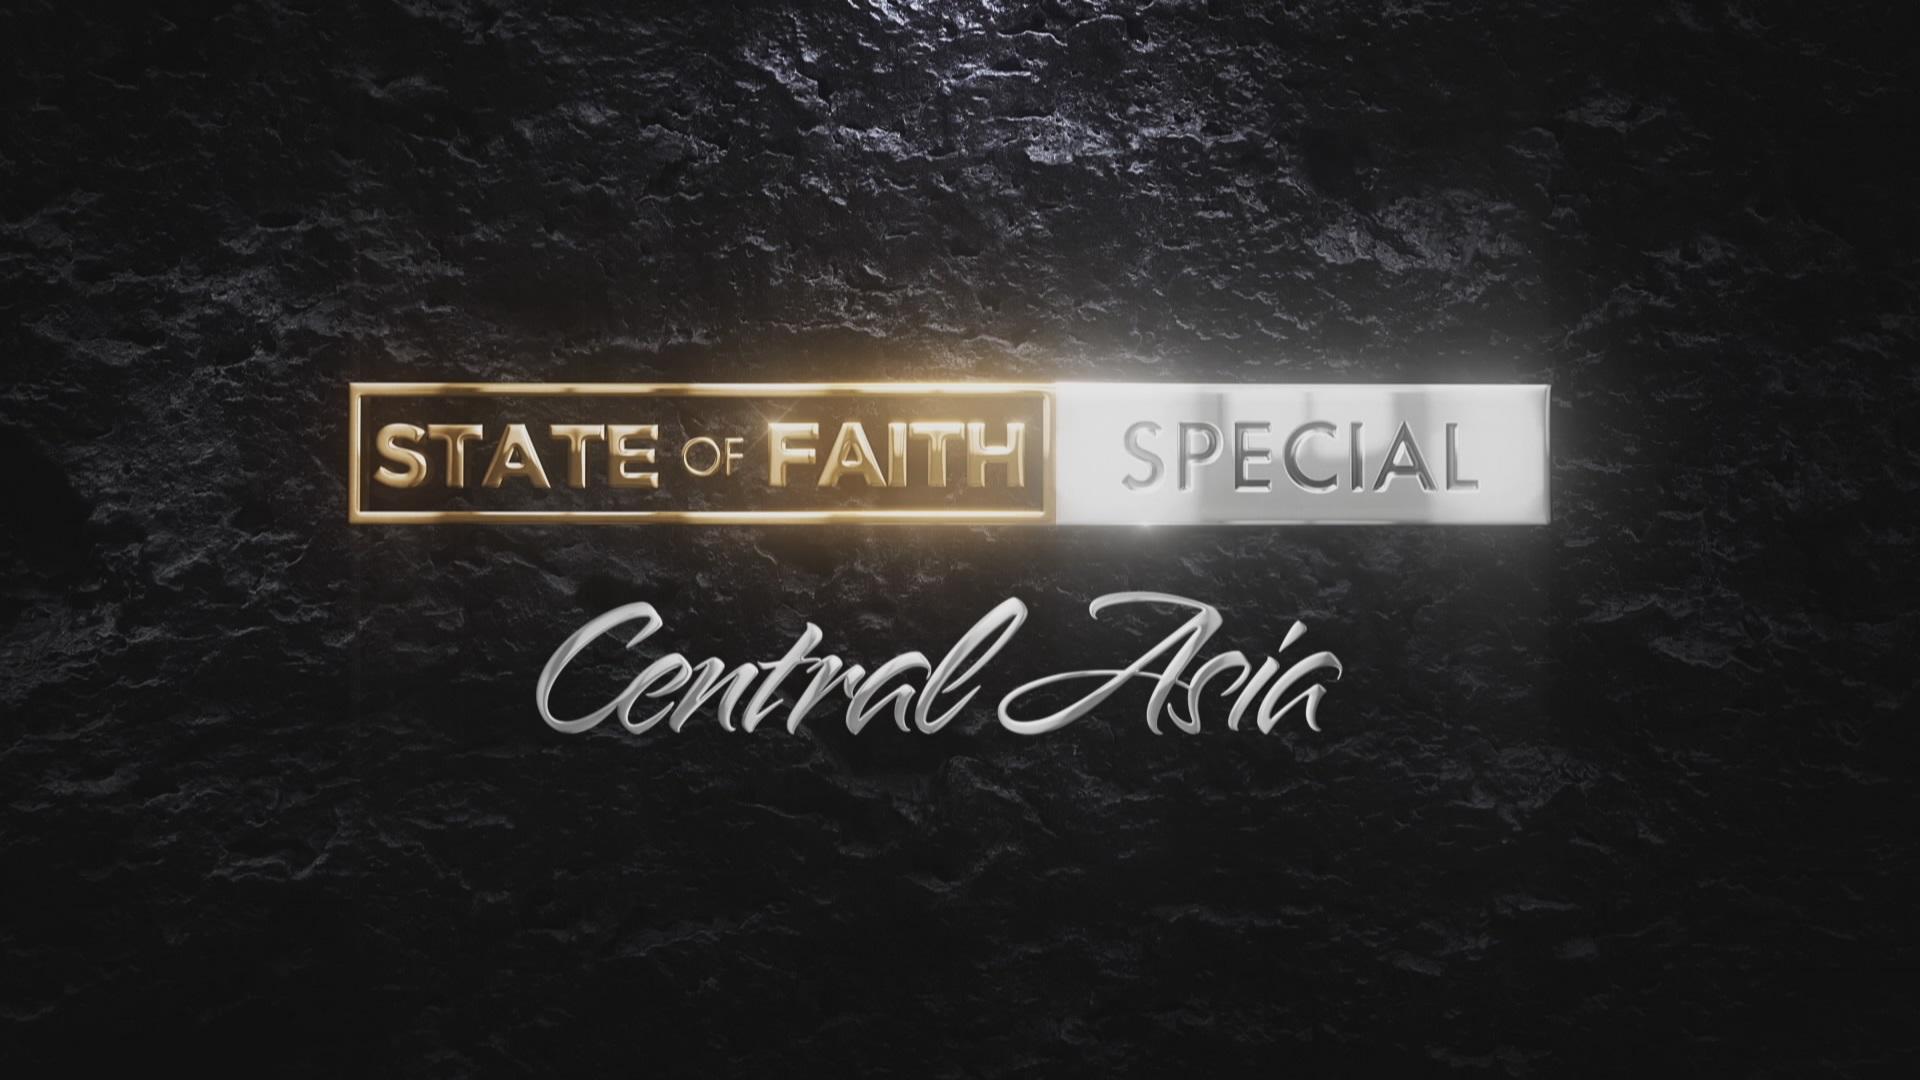 Praise - Sate of Faith - Central Asia